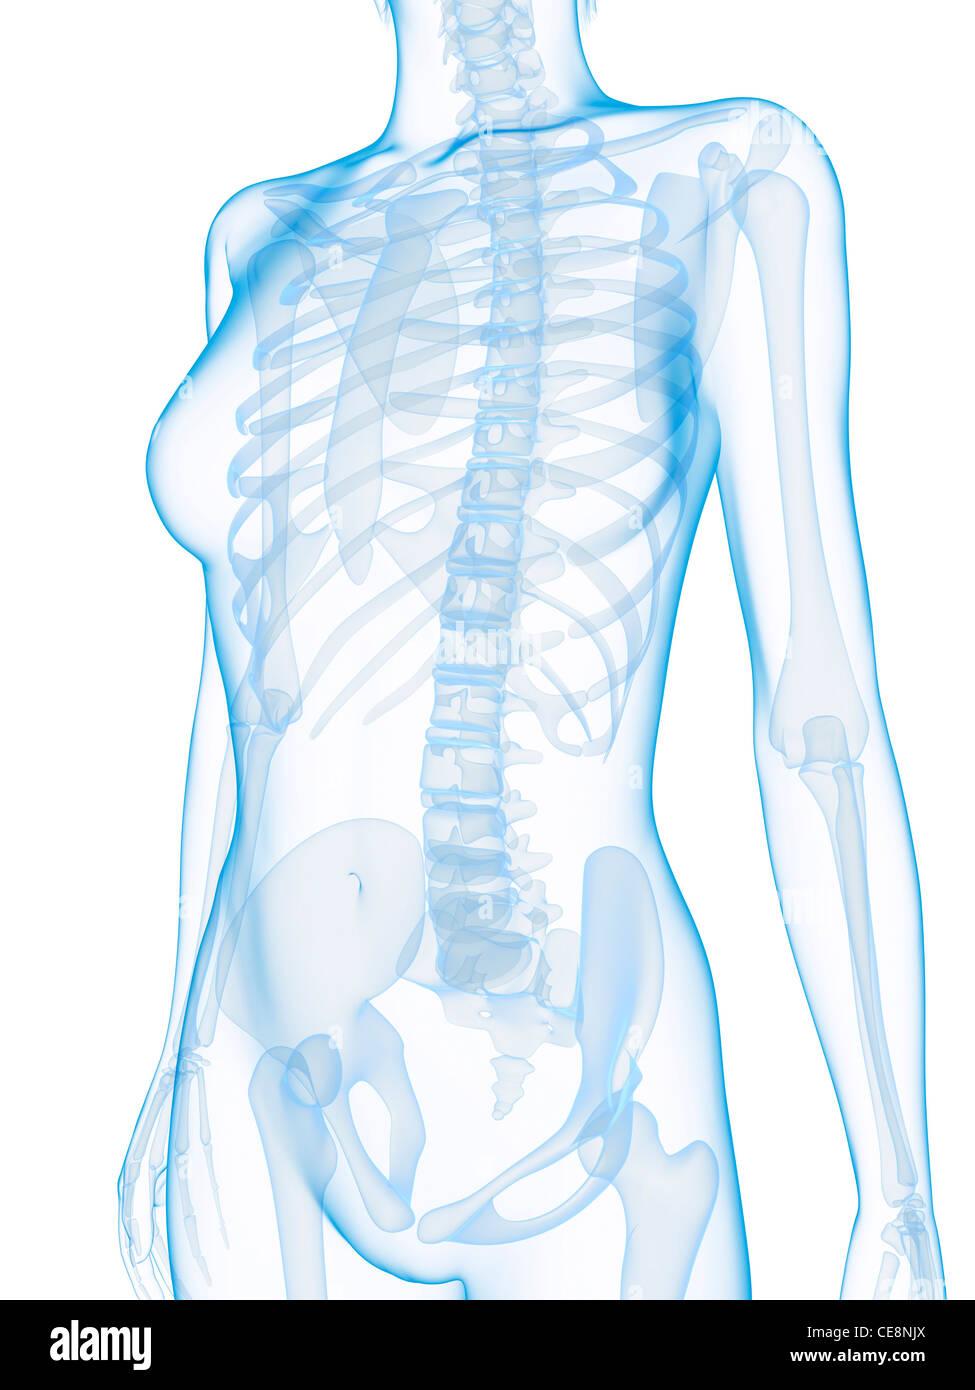 Großartig Studie Anatomie Knochen Fotos - Menschliche Anatomie ...